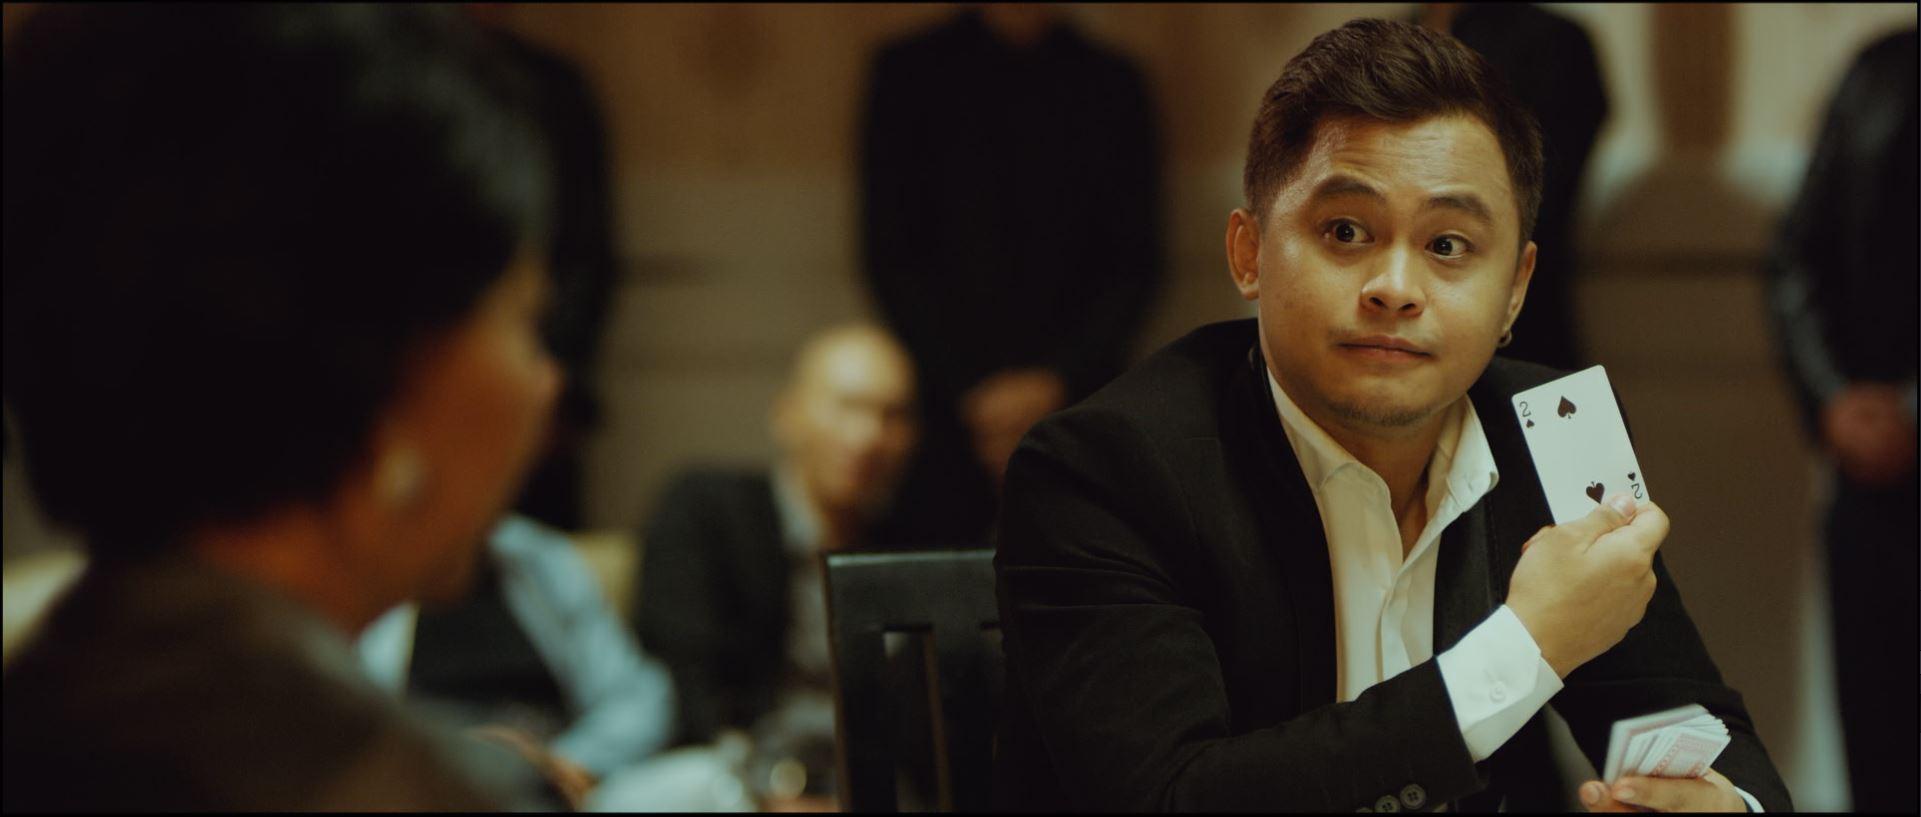 """La Thành: Từng vấp ngã vì cờ bạc nên tôi hiểu nhân vật trong phim """"Vô Gian Đạo"""" - Ảnh 4."""